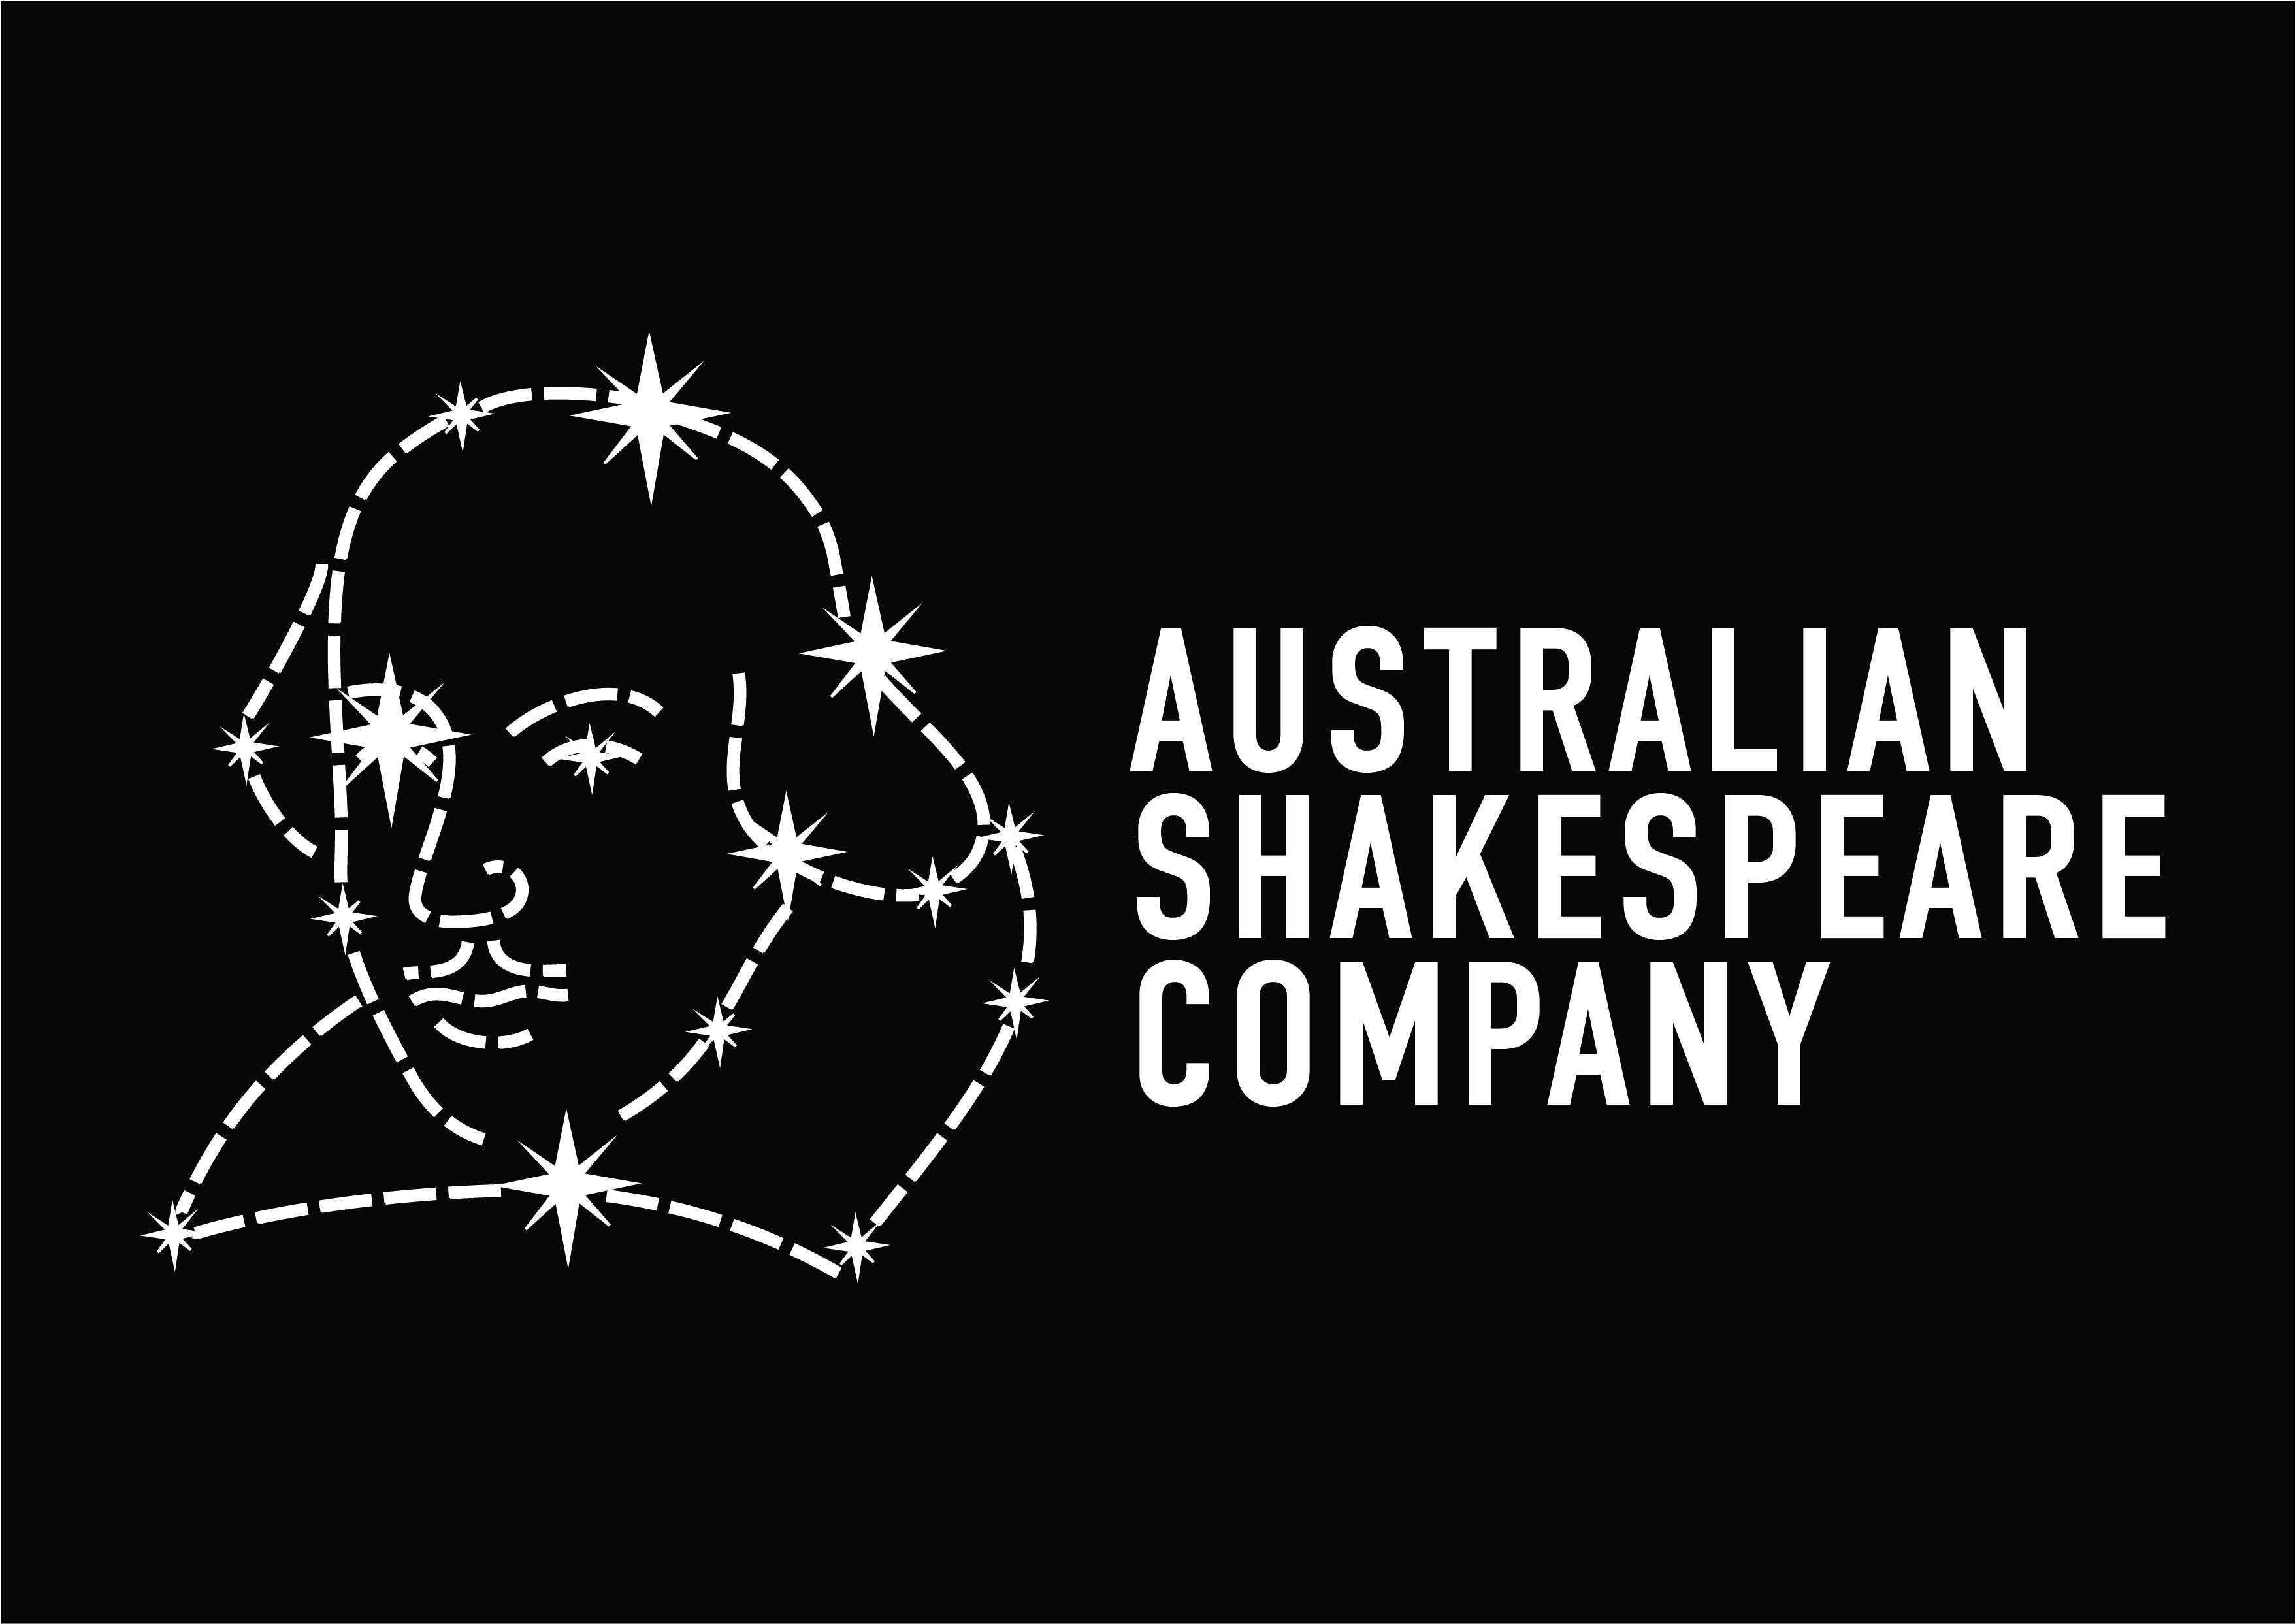 Australian Shakespeare Company - Education Provider